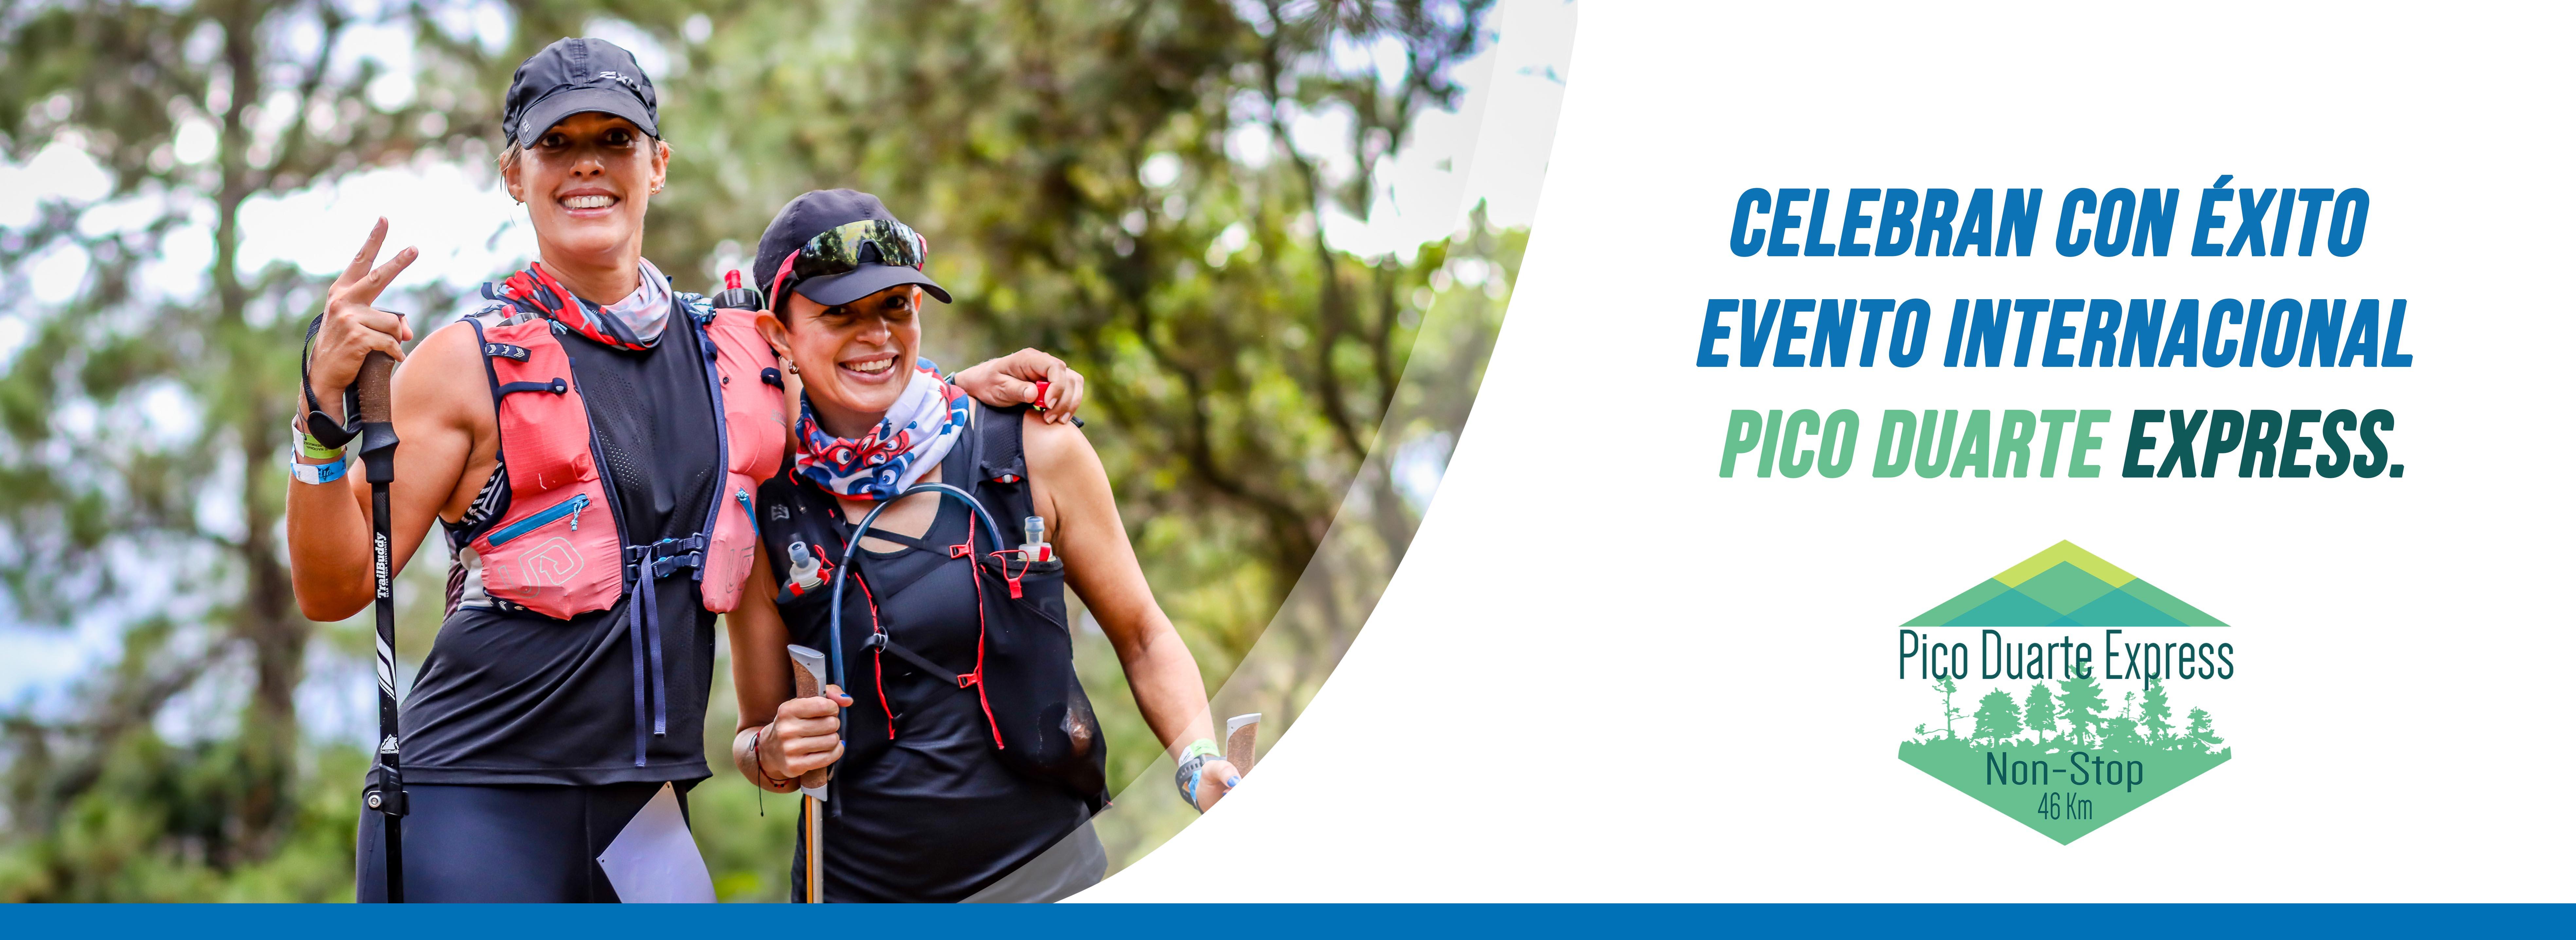 Celebran con exito Pico Express PC